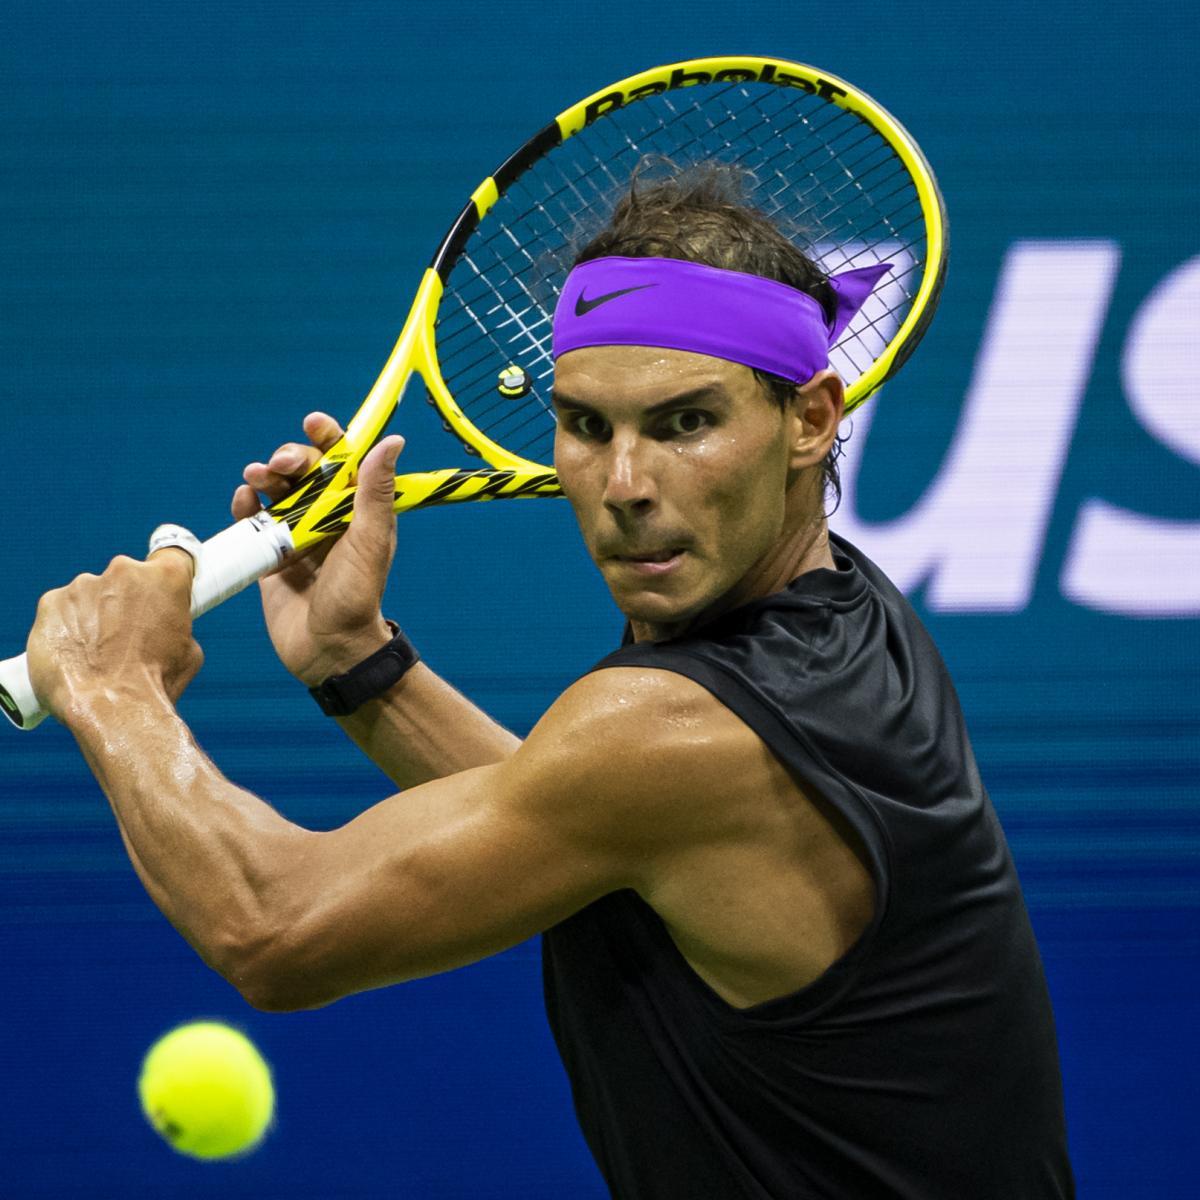 US Open Tennis 2019: TV Schedule, Live Stream for Men's ...